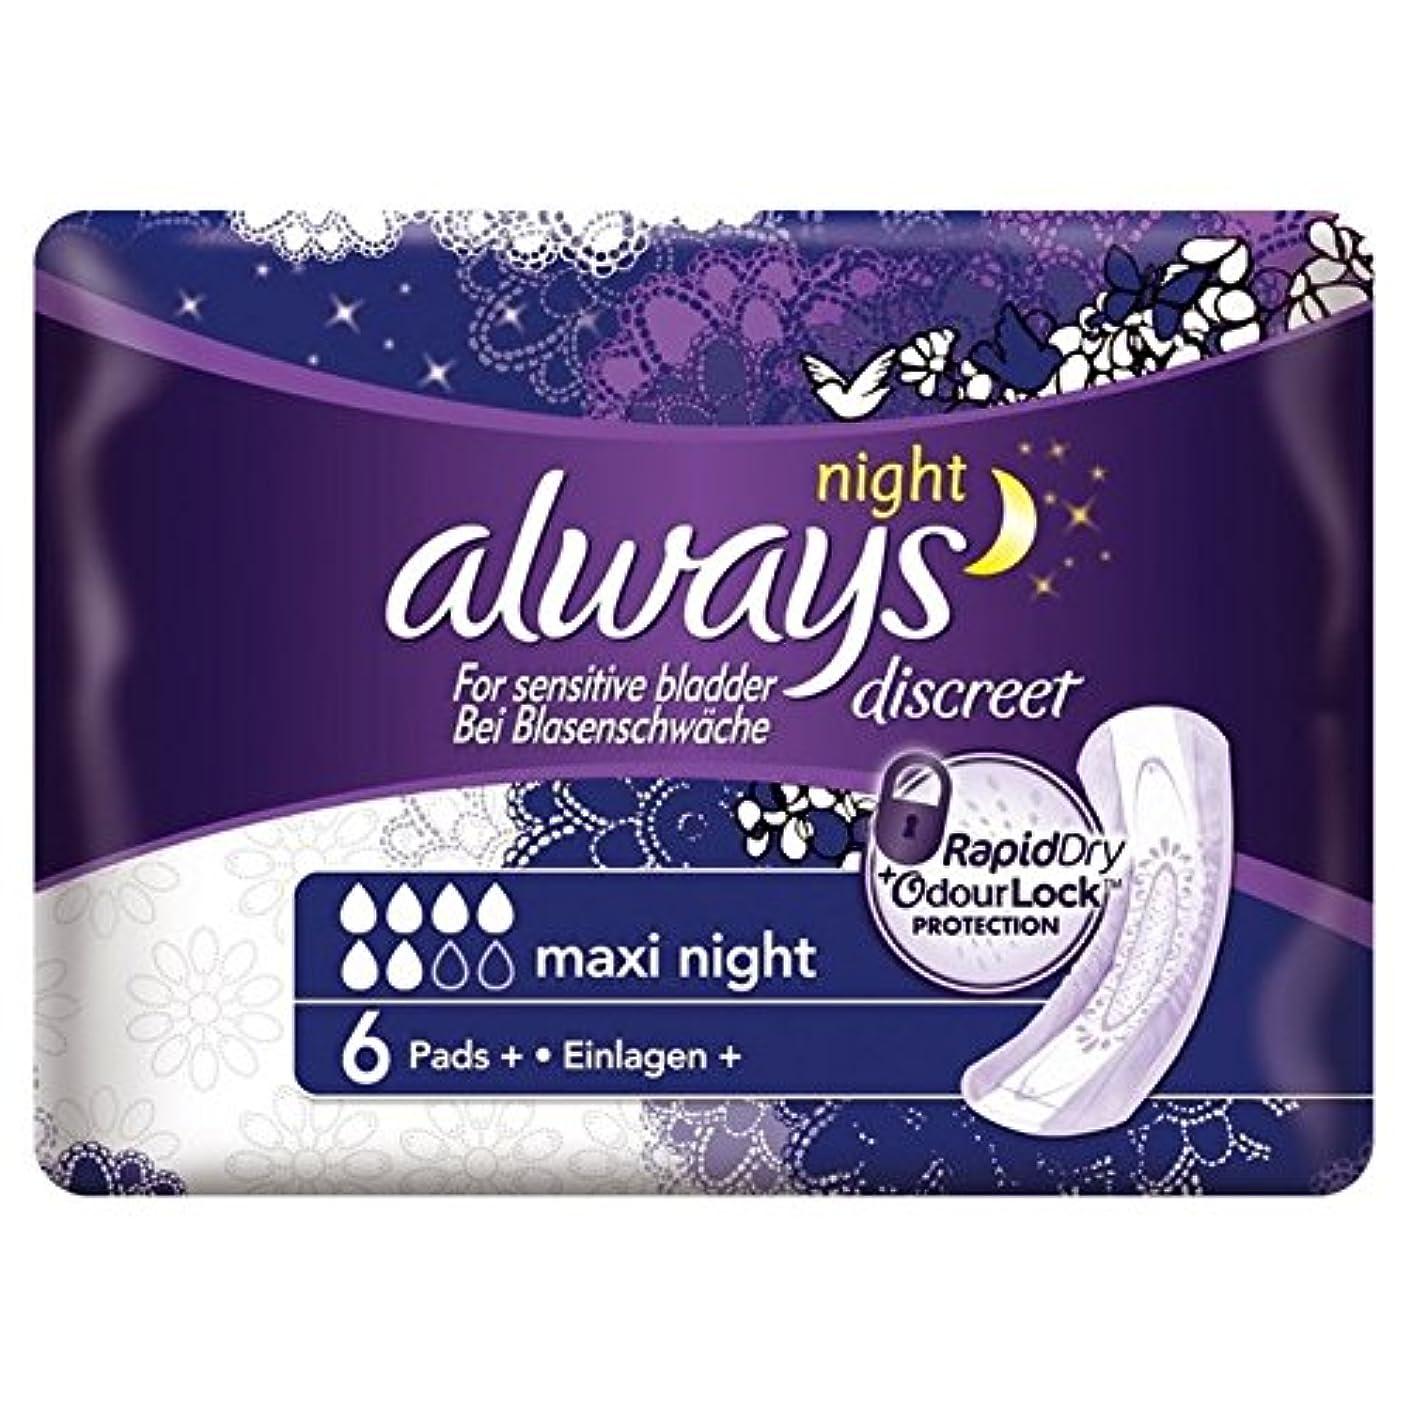 ご覧くださいキロメートル原子炉パックあたりの敏感な膀胱マキシ夜パッド6のために常に控えめ x2 - Always Discreet for Sensitive Bladder Maxi Night Pads 6 per pack (Pack of 2) [並行輸入品]